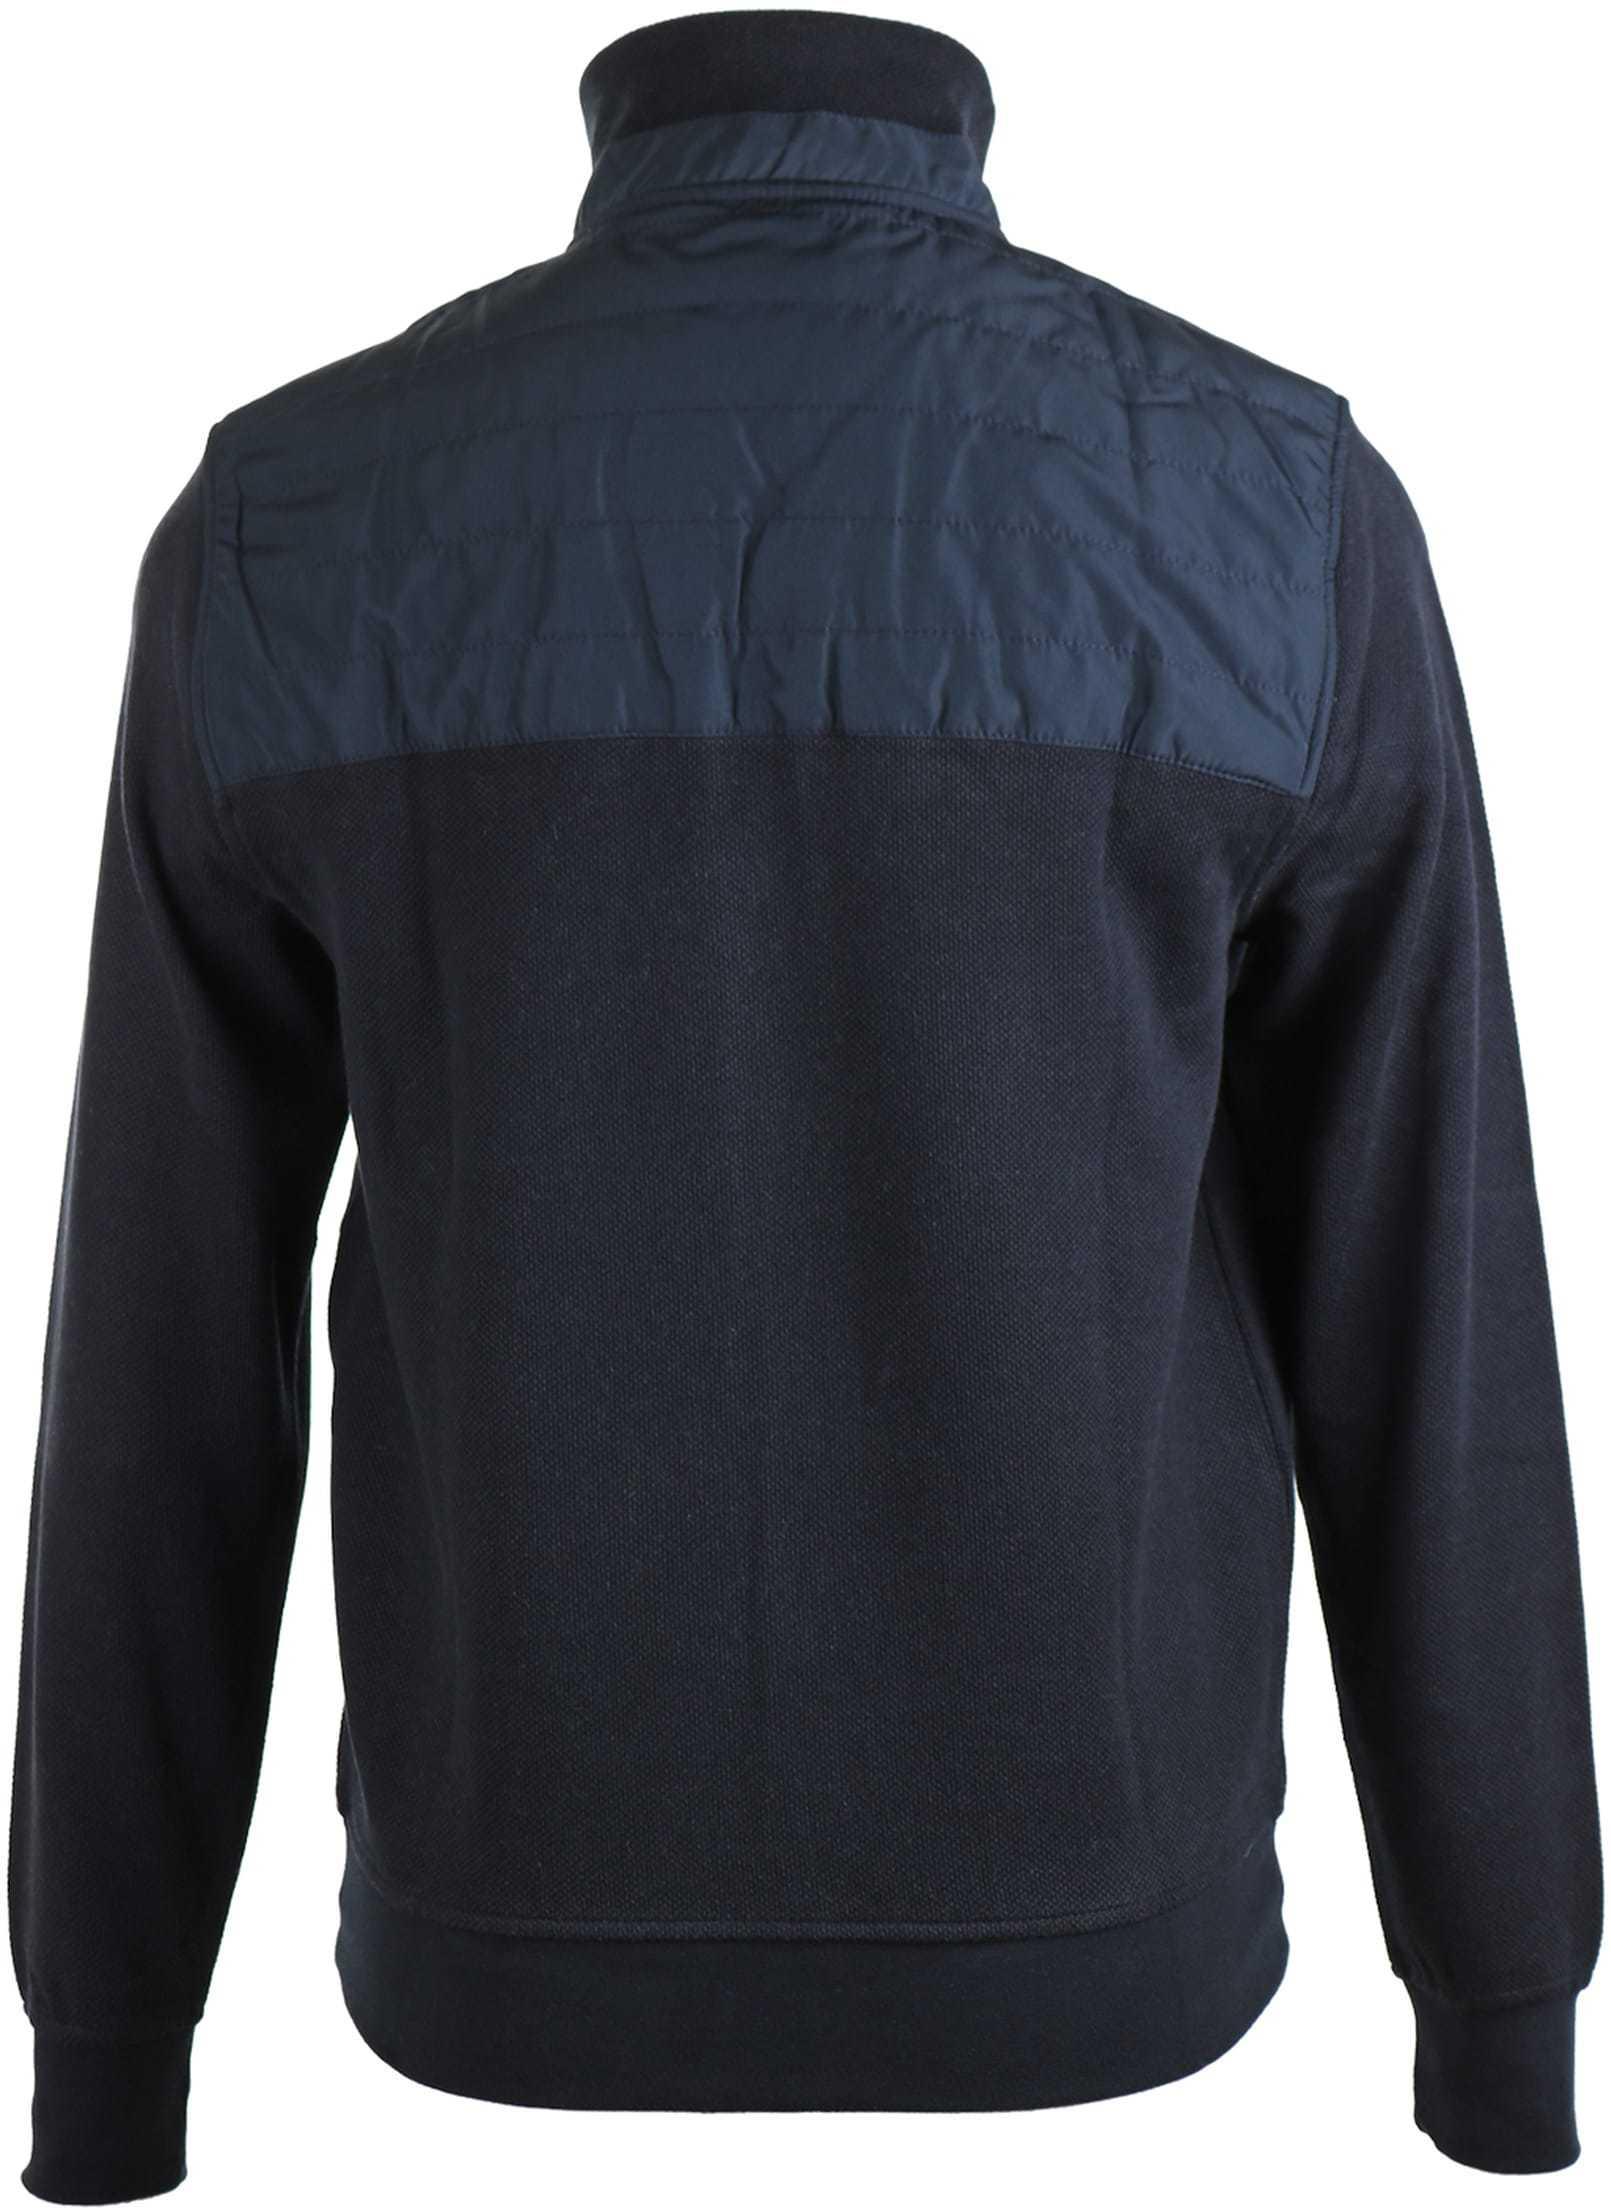 Suitable Vest Outdoor Donkerblauw foto 1